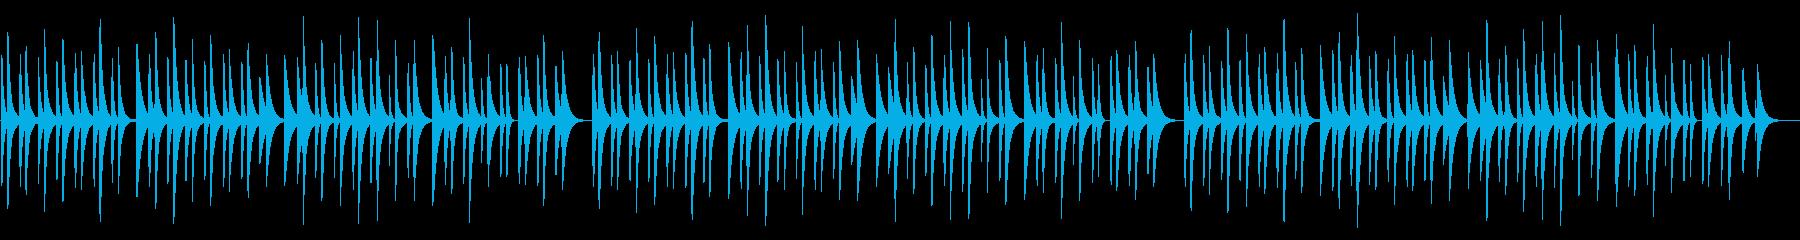 仰げば尊し 18弁オルゴールの再生済みの波形